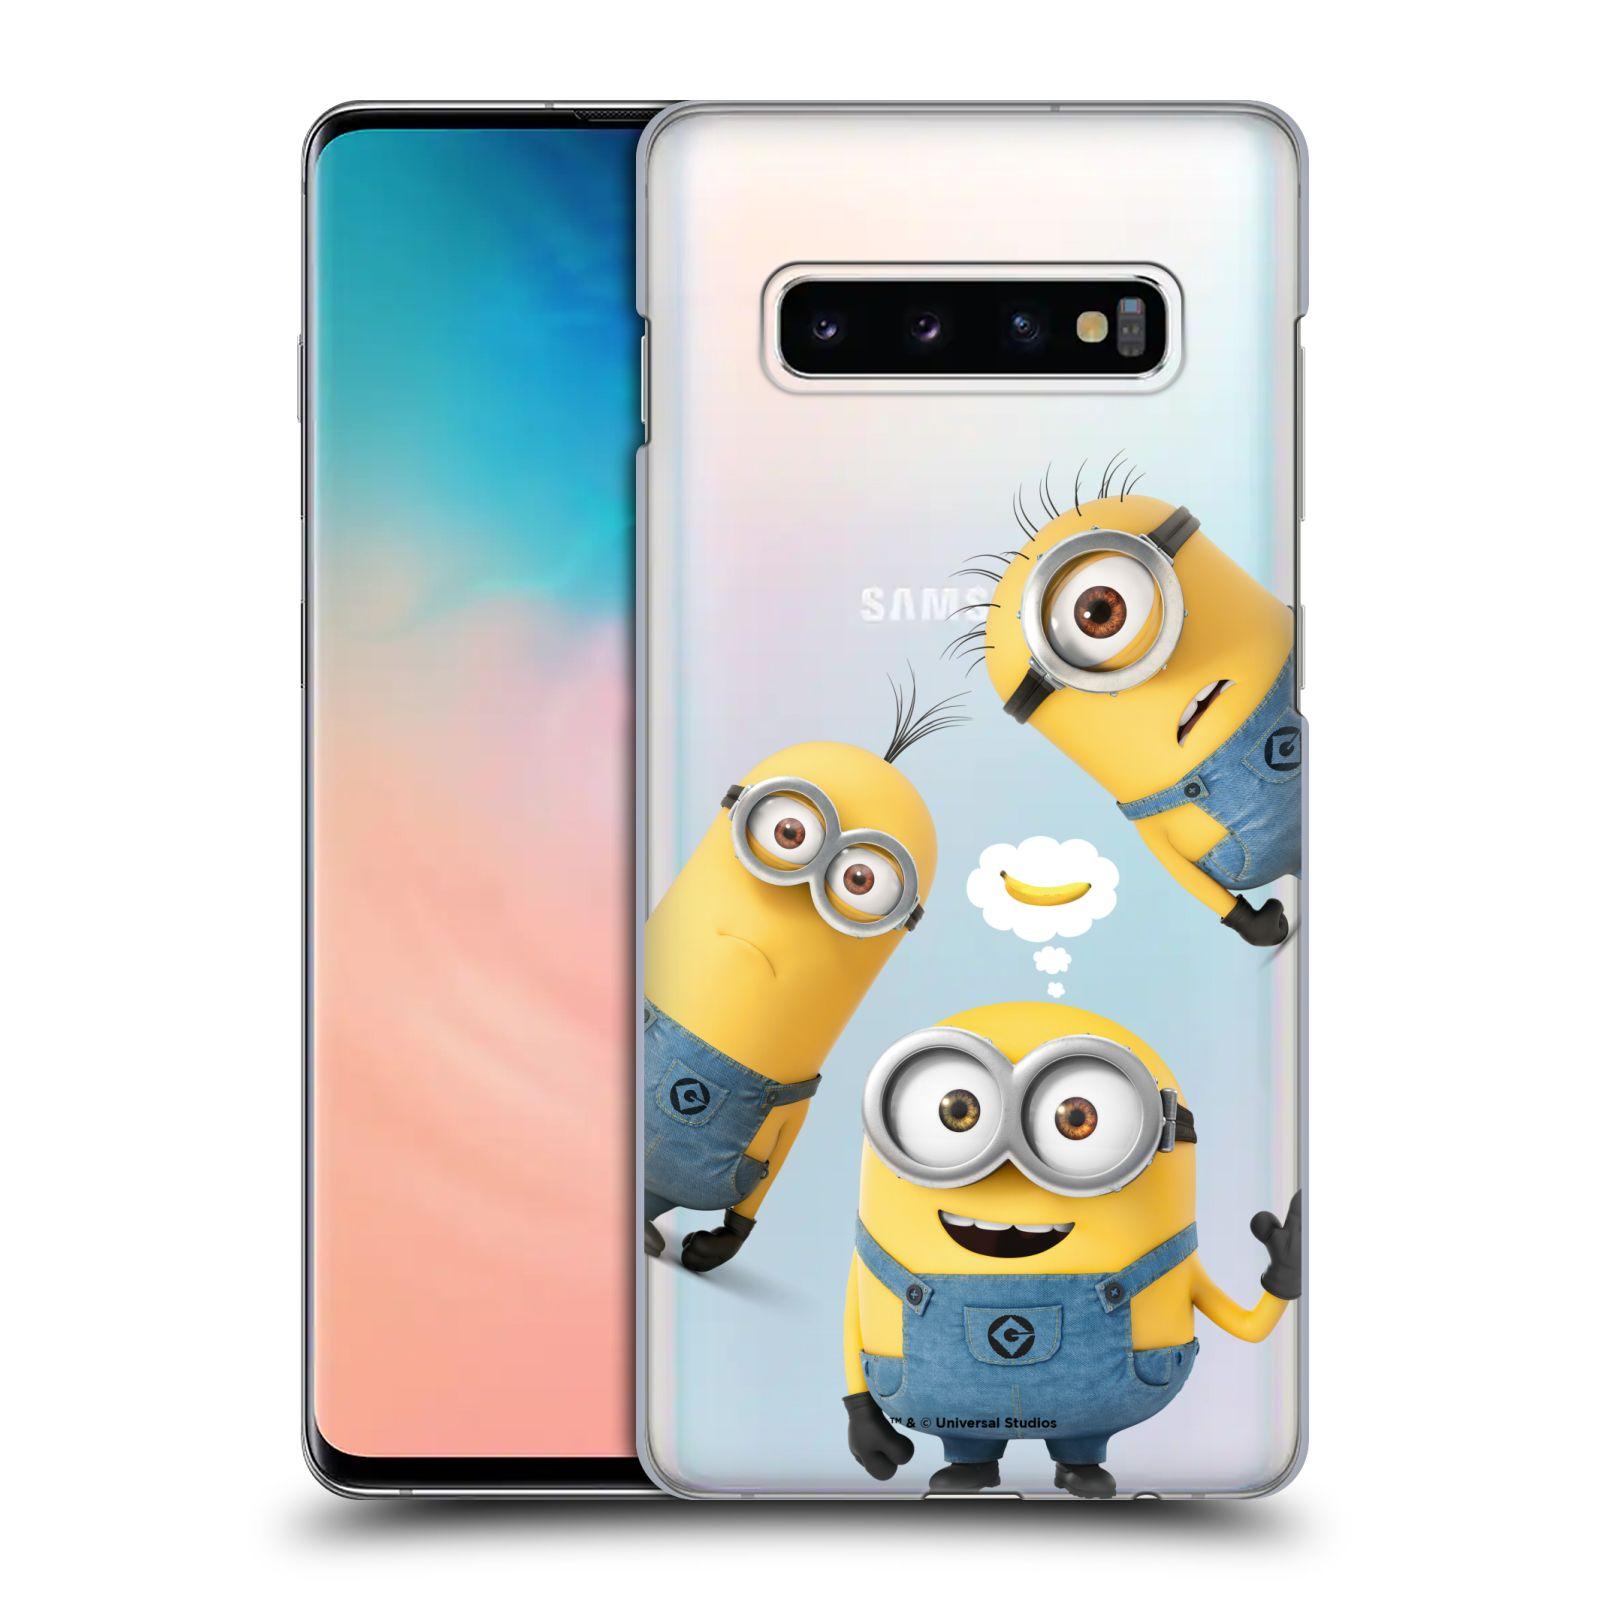 Plastové pouzdro na mobil Samsung Galaxy S10 Plus - Head Case - Mimoni Banana z filmu Já, padouch - Despicable Me